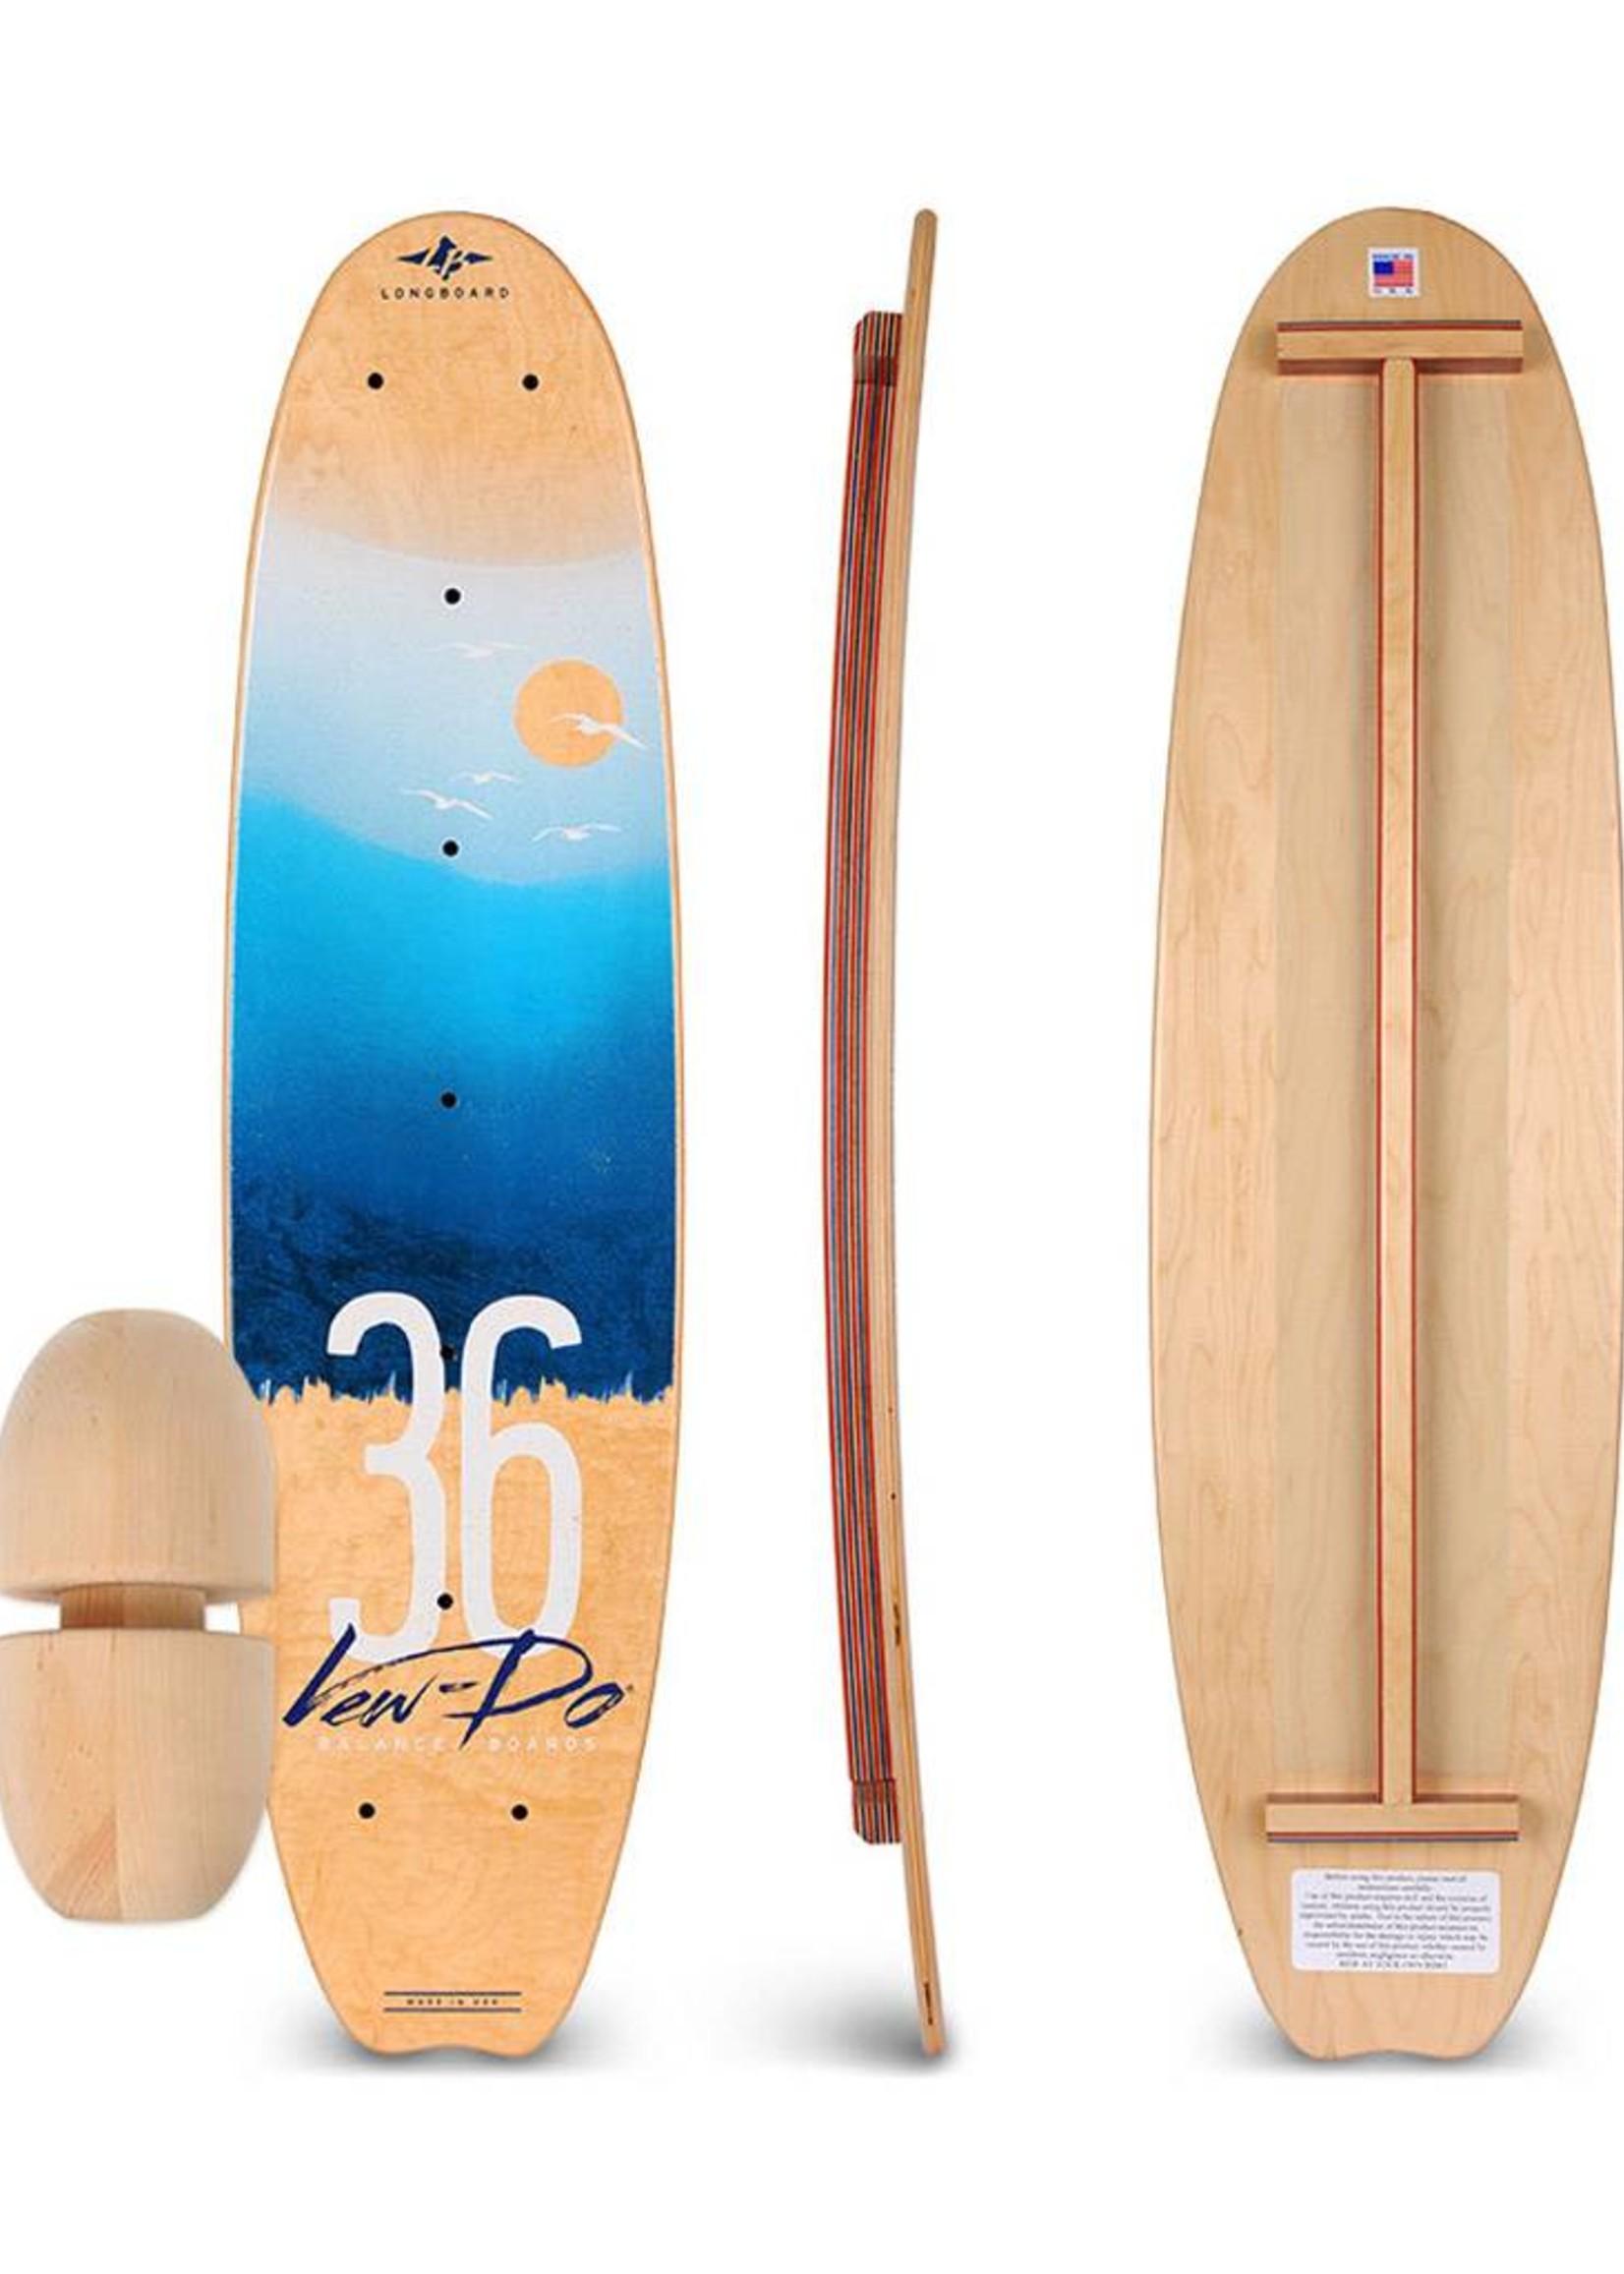 Vew-Do Vew-Do Longboard 36 Balance Board Cruiser